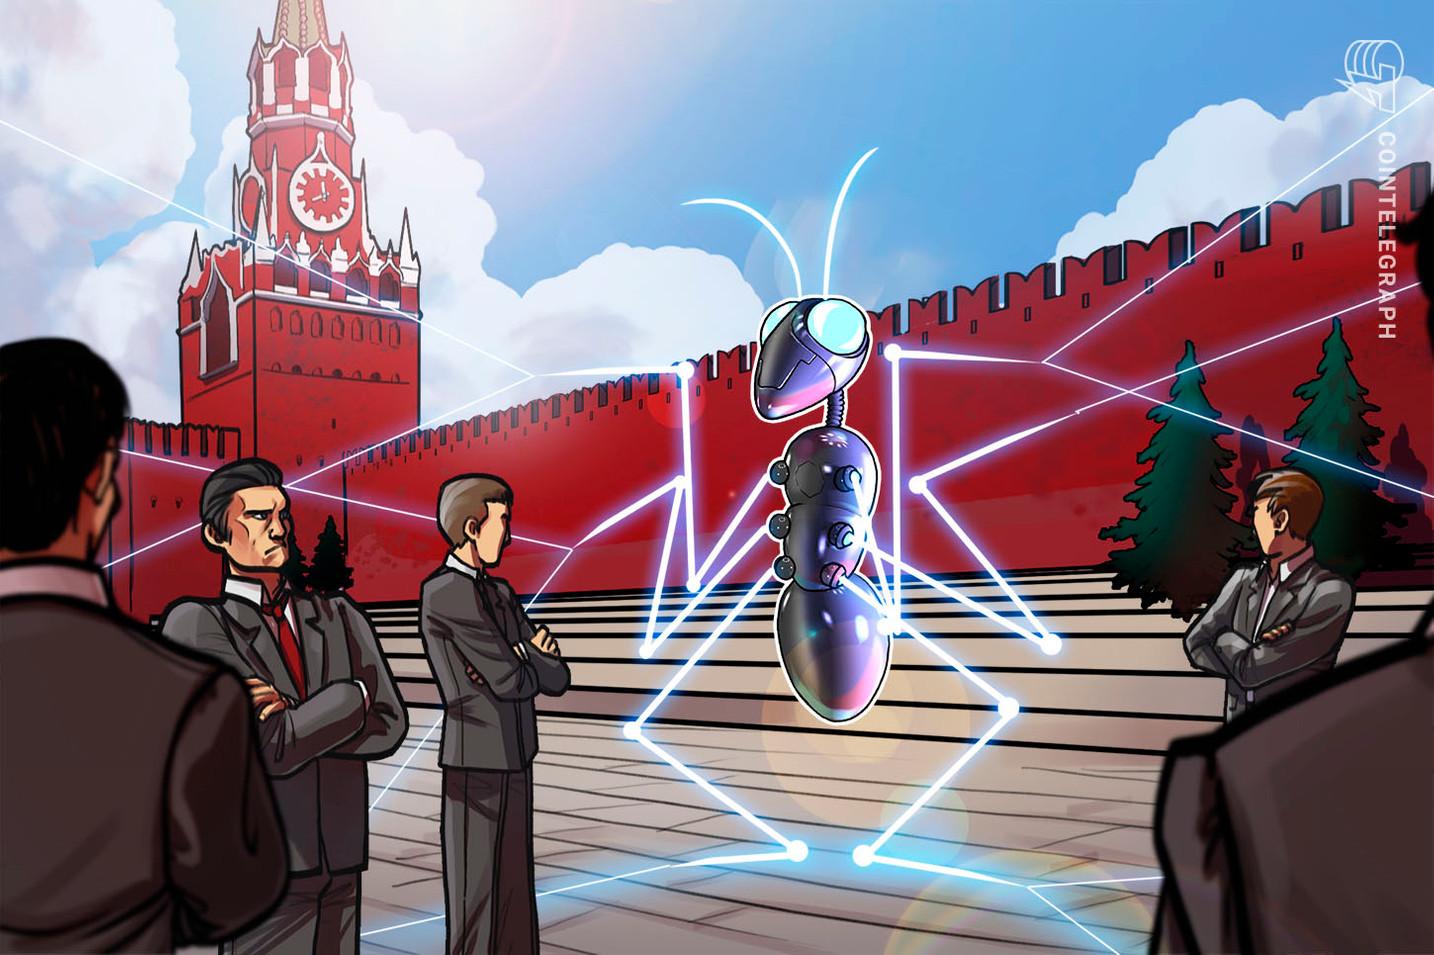 الحكومة الروسية تعطي الأولوية لتطوير بلوكتشين